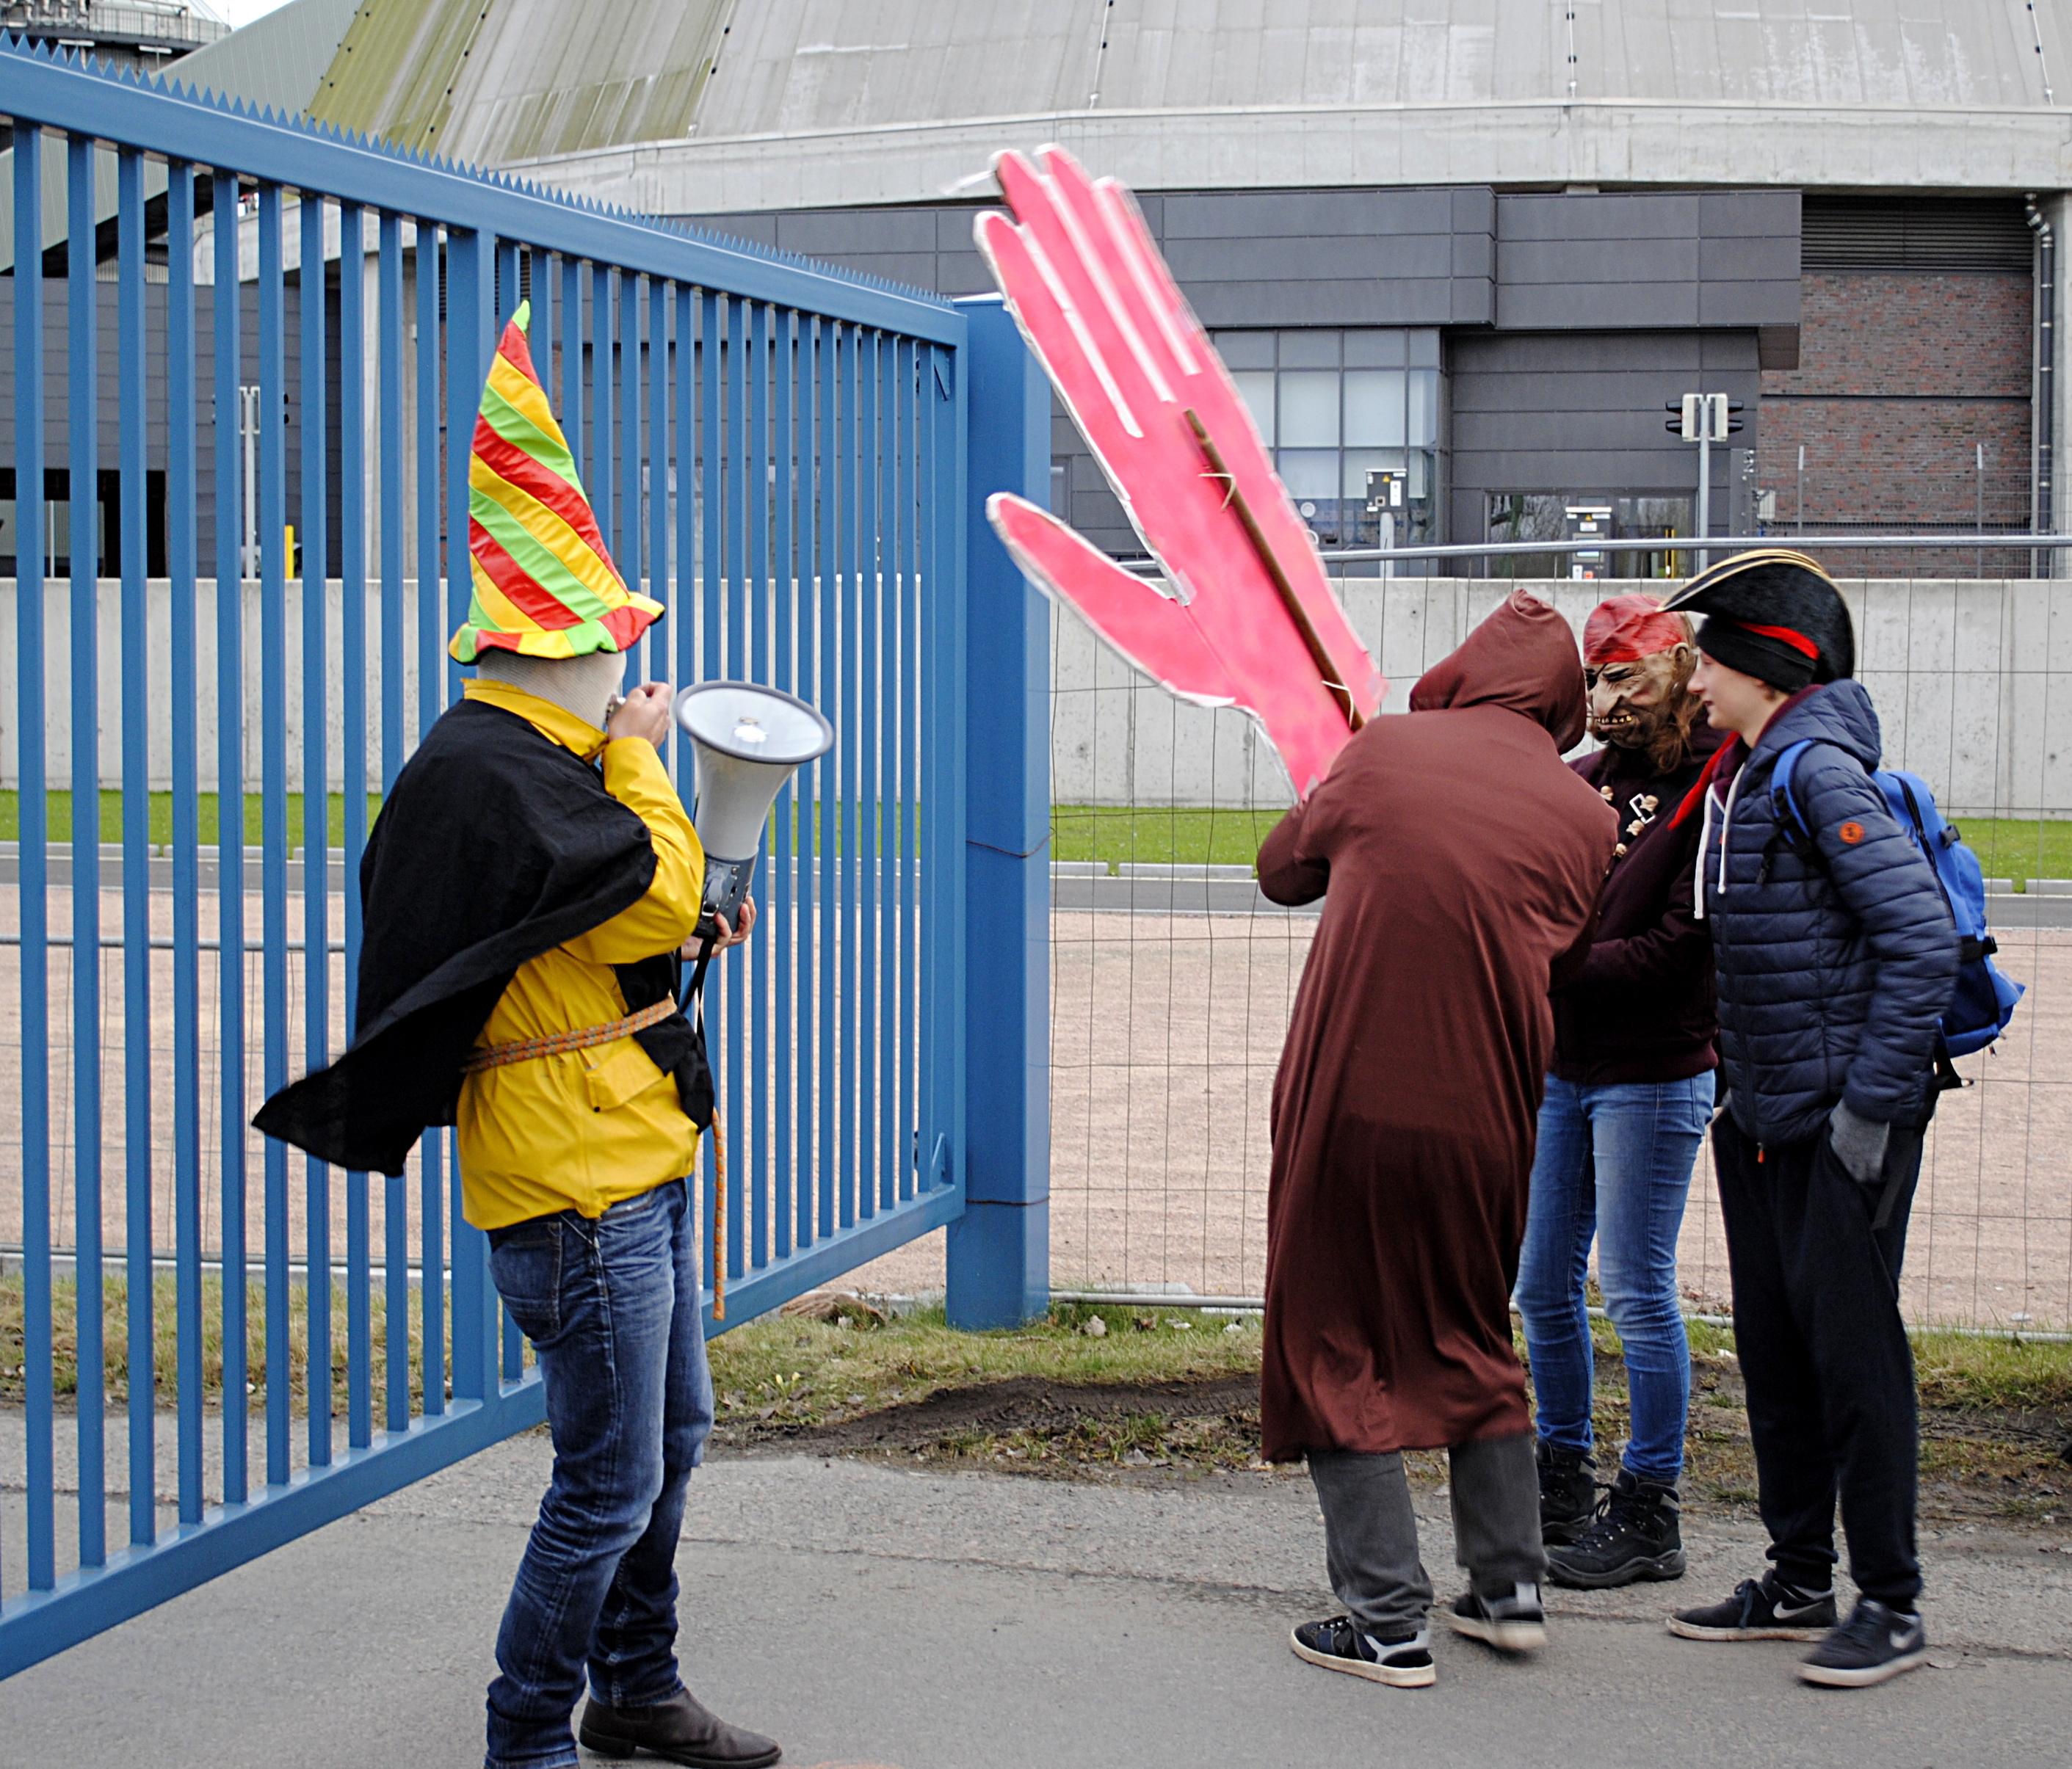 Als Zeichen für die Feindschaft zu Vattenfall wurde ein riesiger Fehdehandschuh über den Zaun geworfen